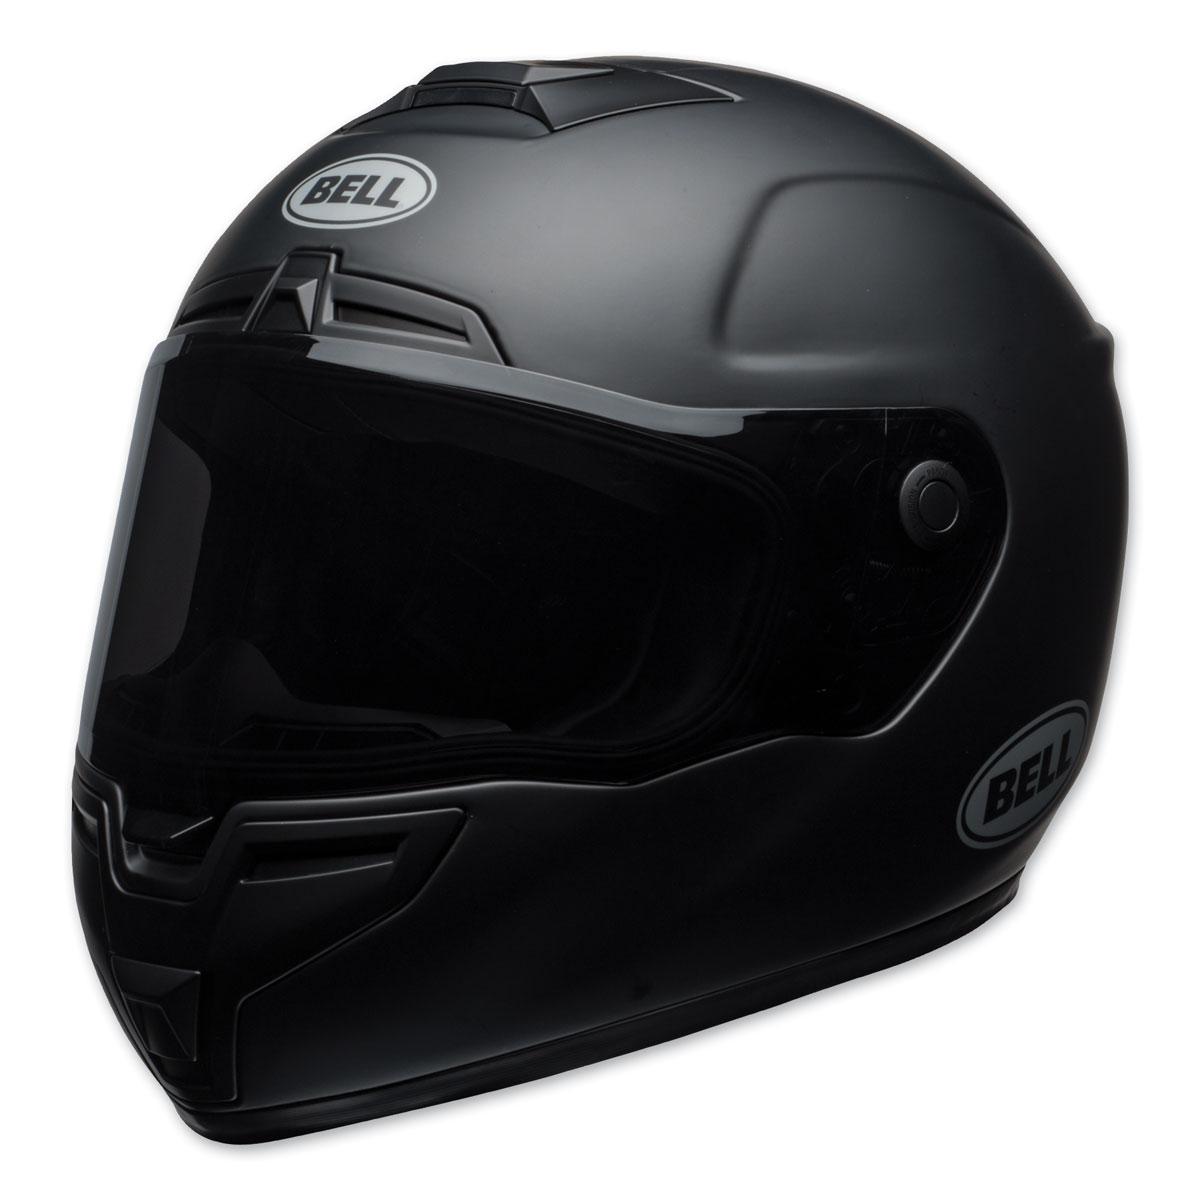 Bell SRT Matte Black Full Face Helmet